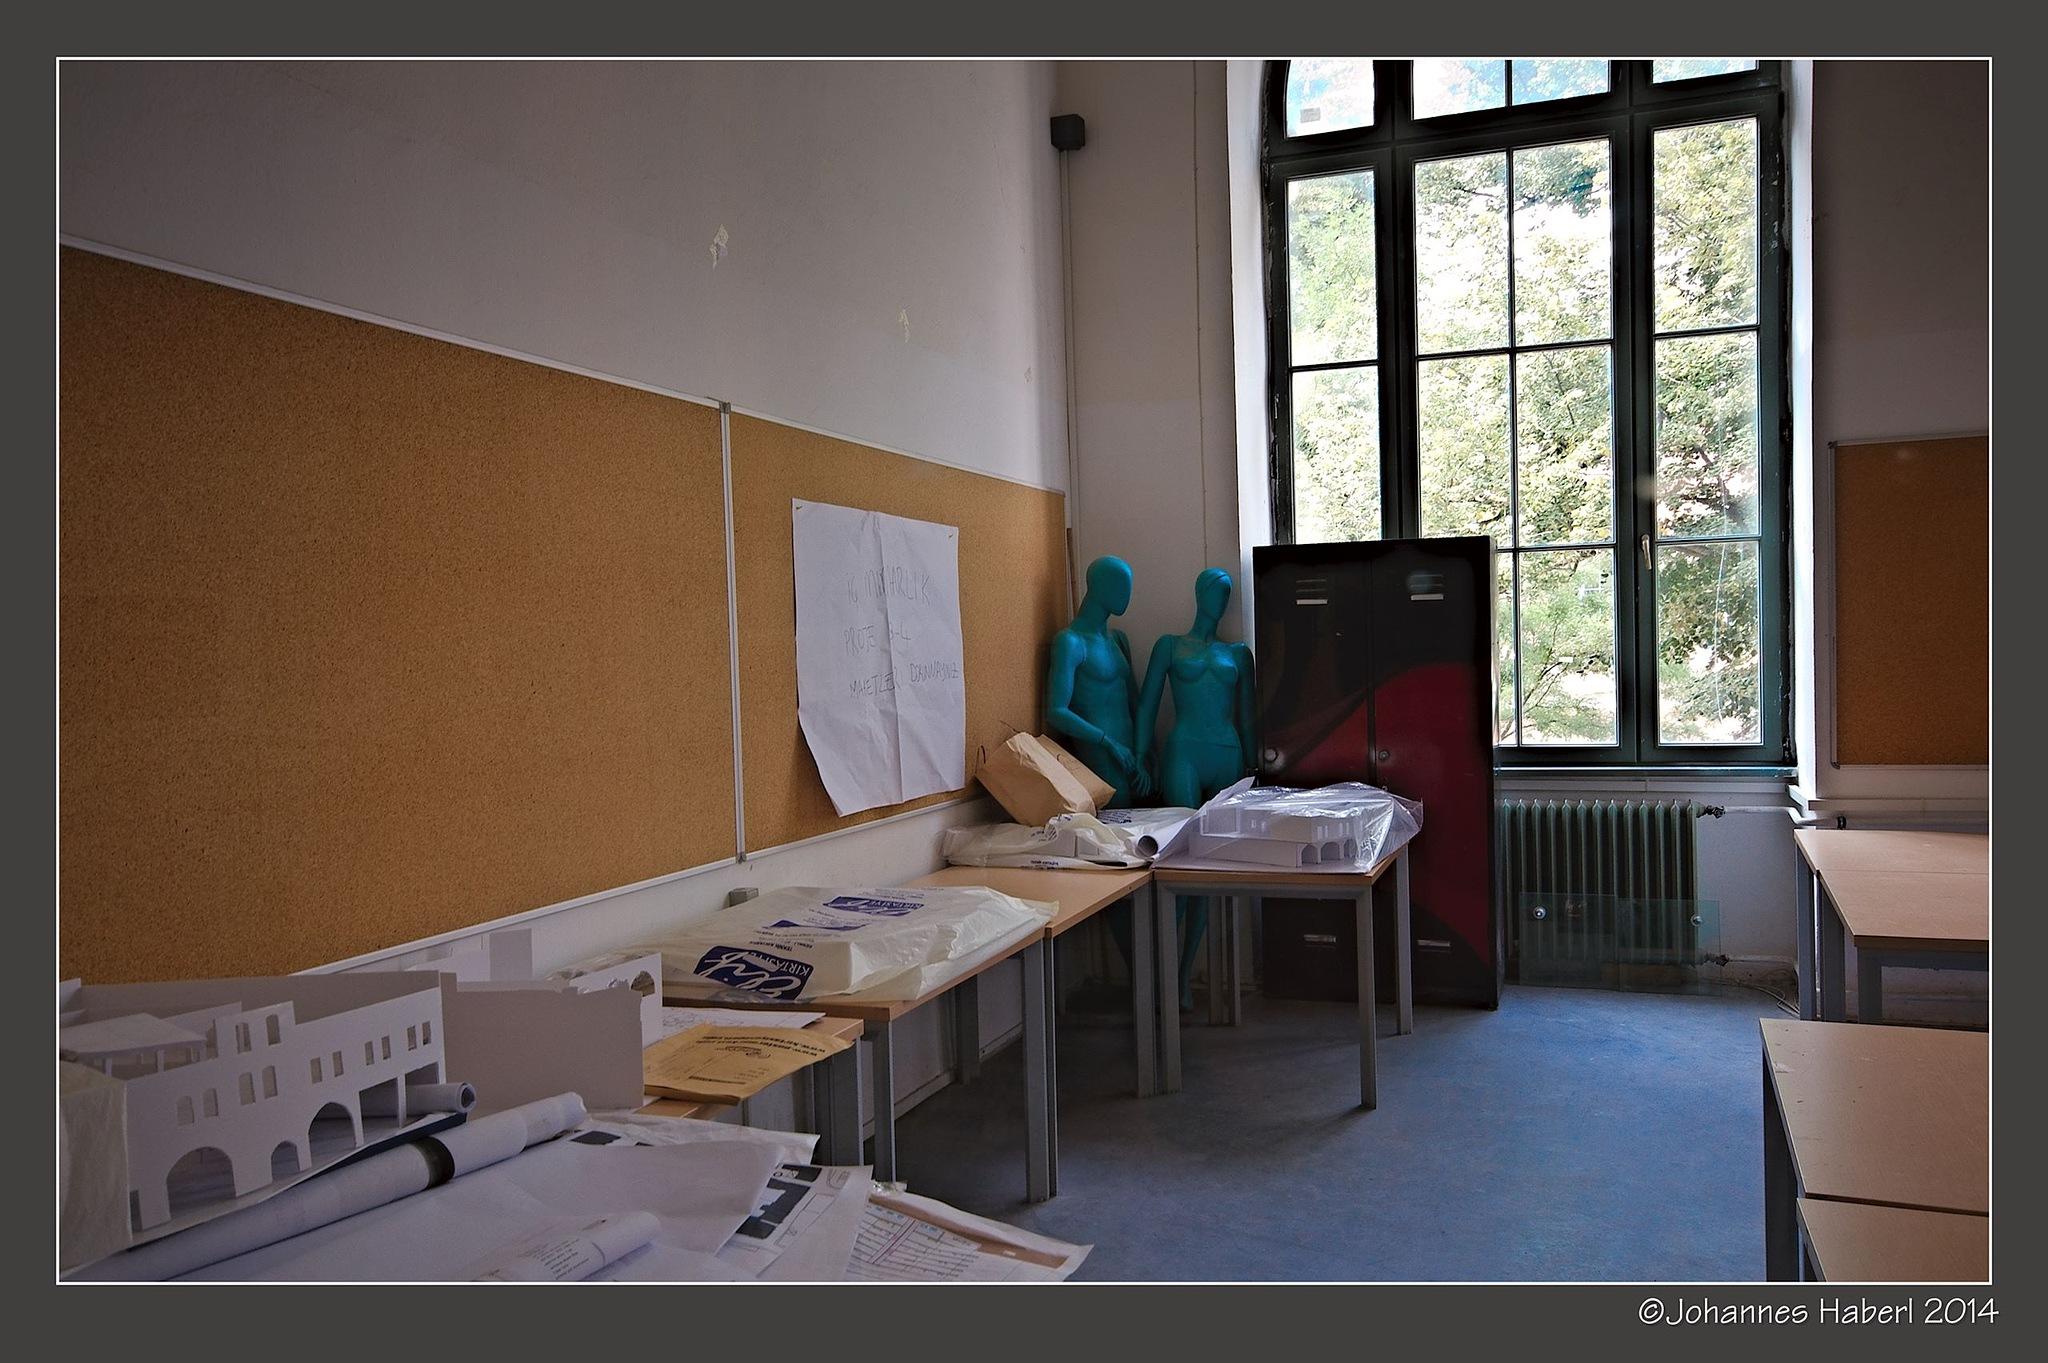 Istanbul ITU Taskisla-Campus II by Johannes Haberl